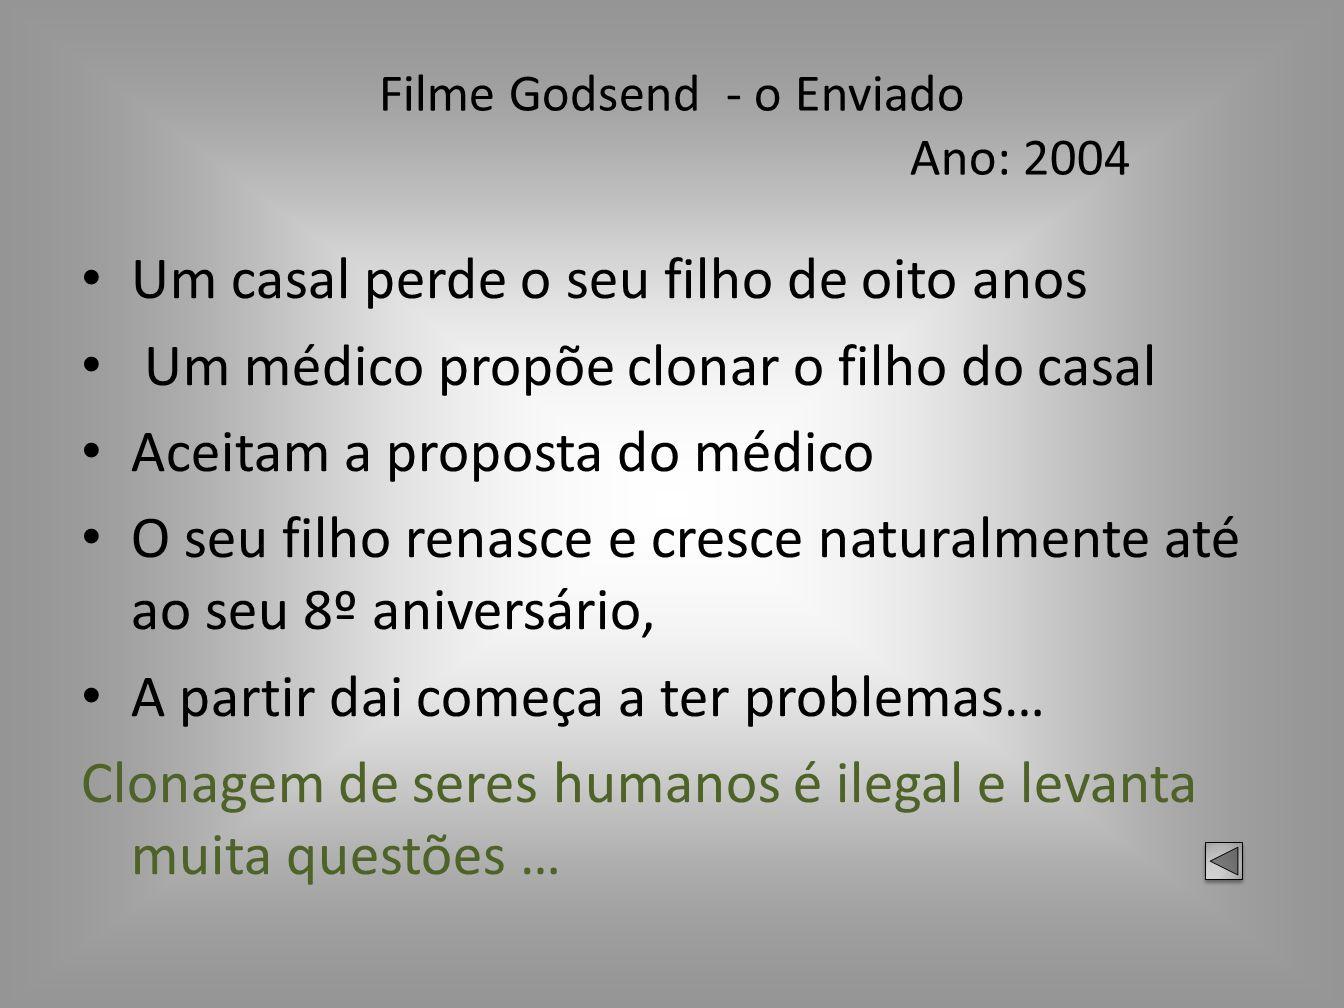 Filme Godsend - o Enviado Ano: 2004